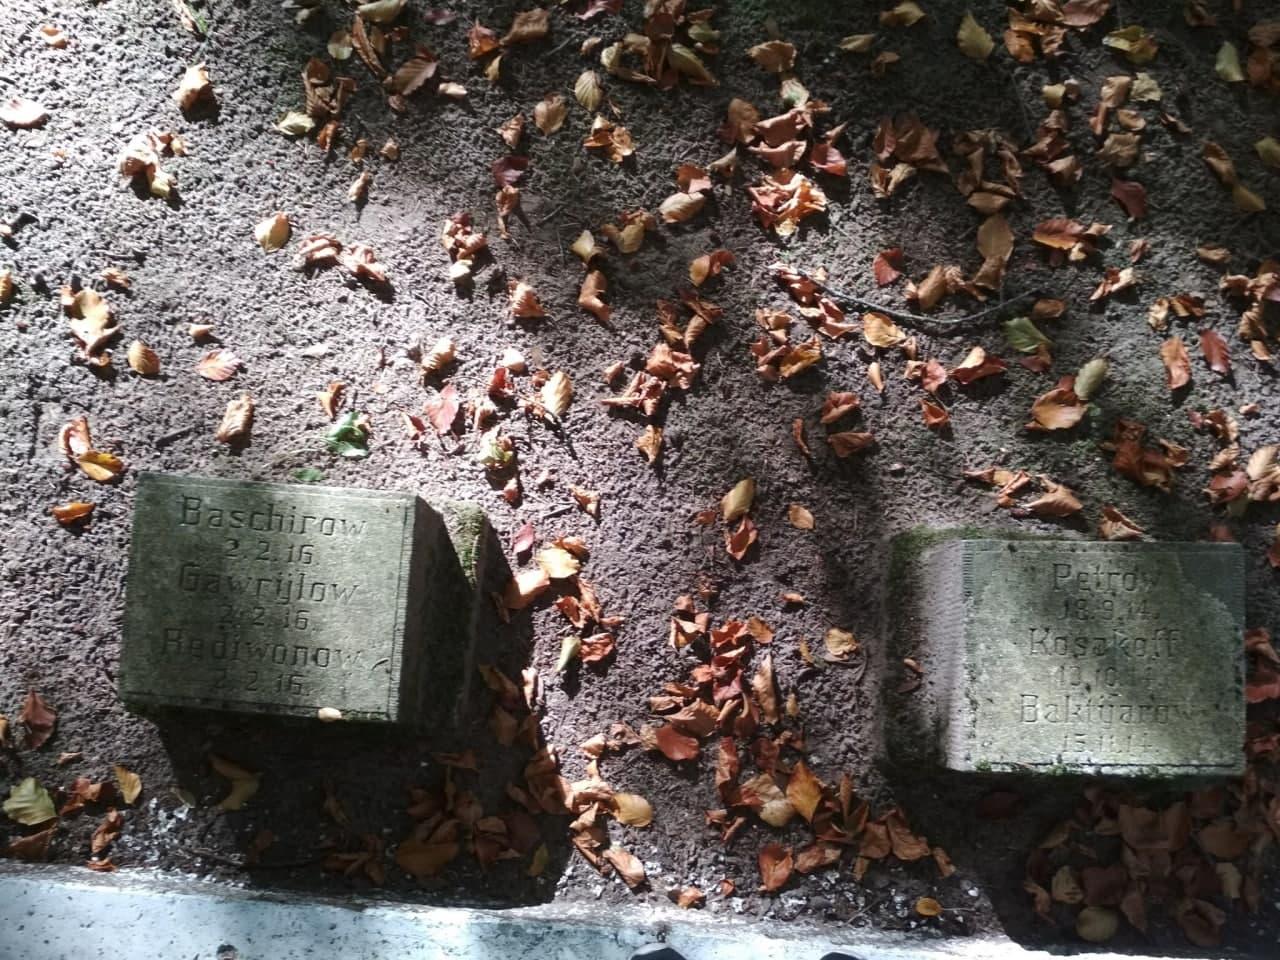 В Калининградской области обнаружили могилы Петрова и Баширова (фото) - 1 - изображение